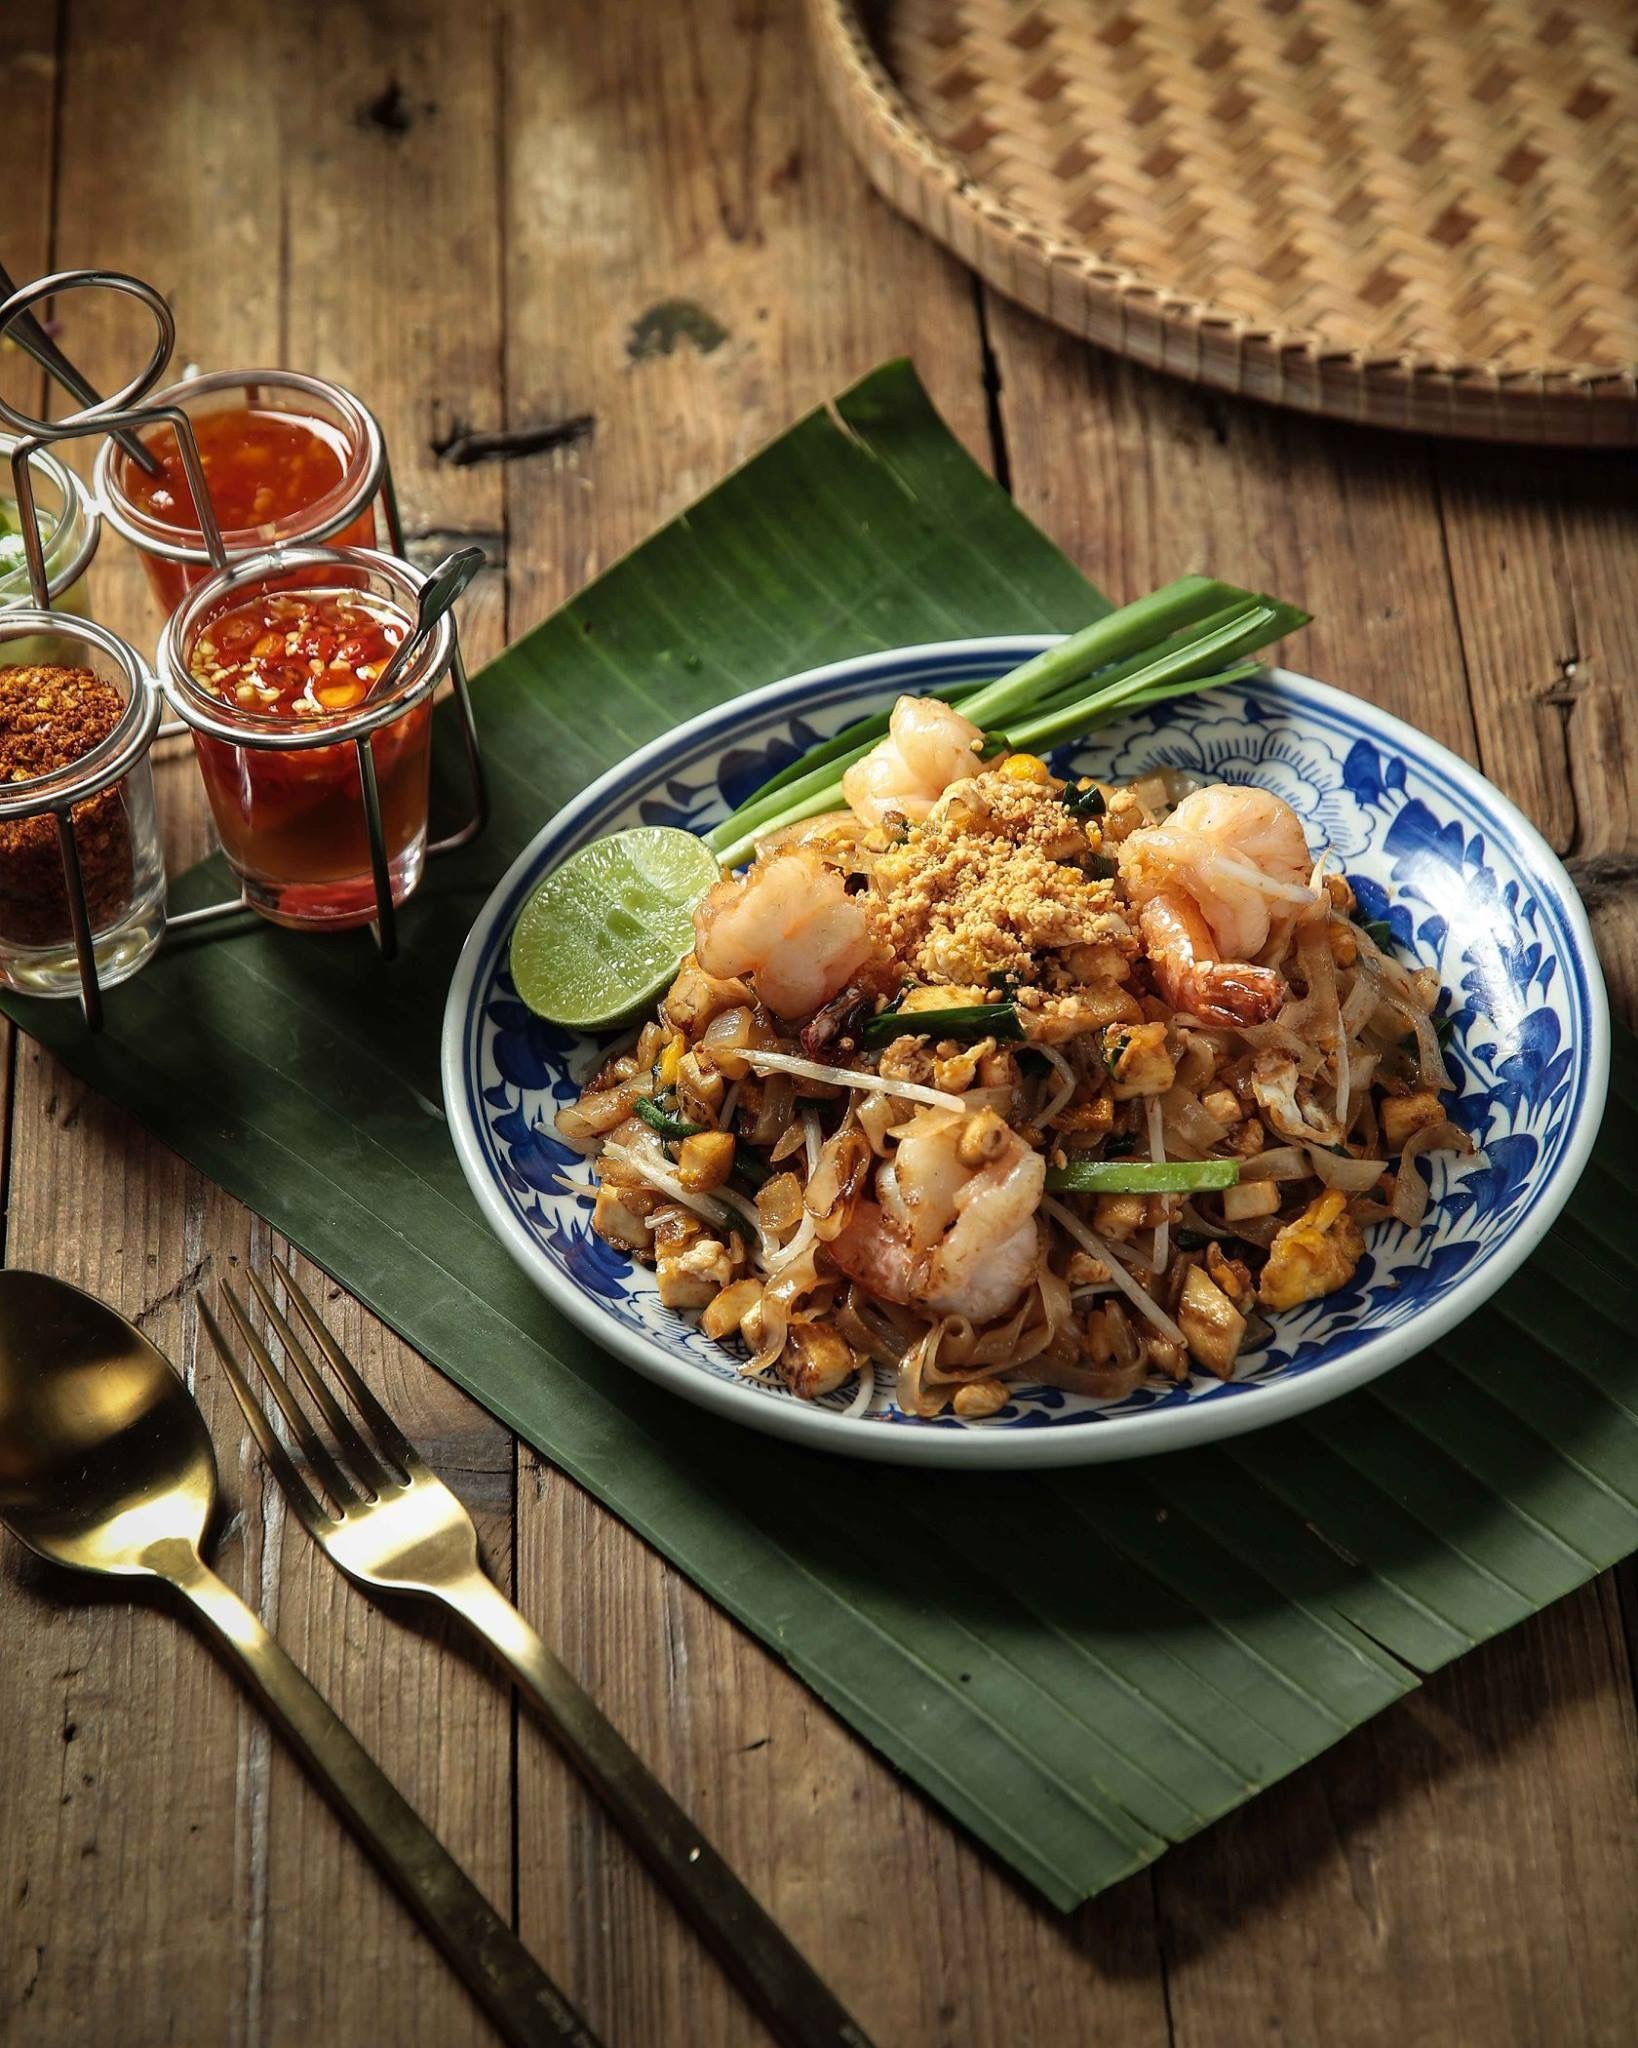 อาหารไทยพ นบ านยอดน ยม ผ ดไทย C K Fooddesign Studio Bangkok อาหาร ภาพ อาหาร ถ ายอาหาร